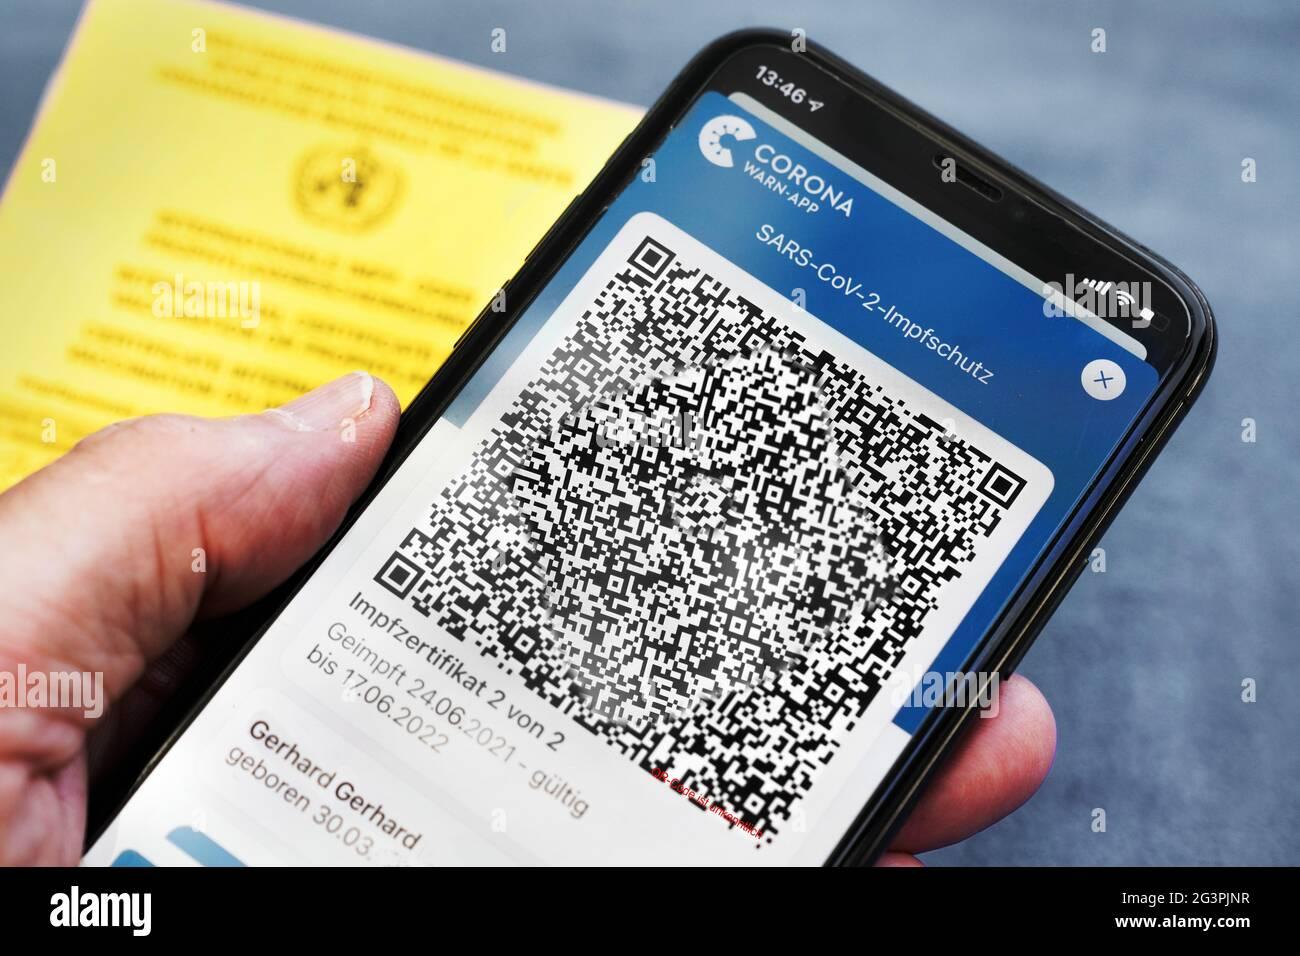 QR-Code, das digitale Impfzertifikat in der Corona Warn-App auf einem Smartphone bestätigt eine abgeschlossenen Impfung gegen Covid-19. Liegt auf der gelben Internationalen Impfbescheinigung, Impfpass. - ACHTUNG! QR-Code und persönliche Angaben sind unkenntlich gemacht! Stock Photo